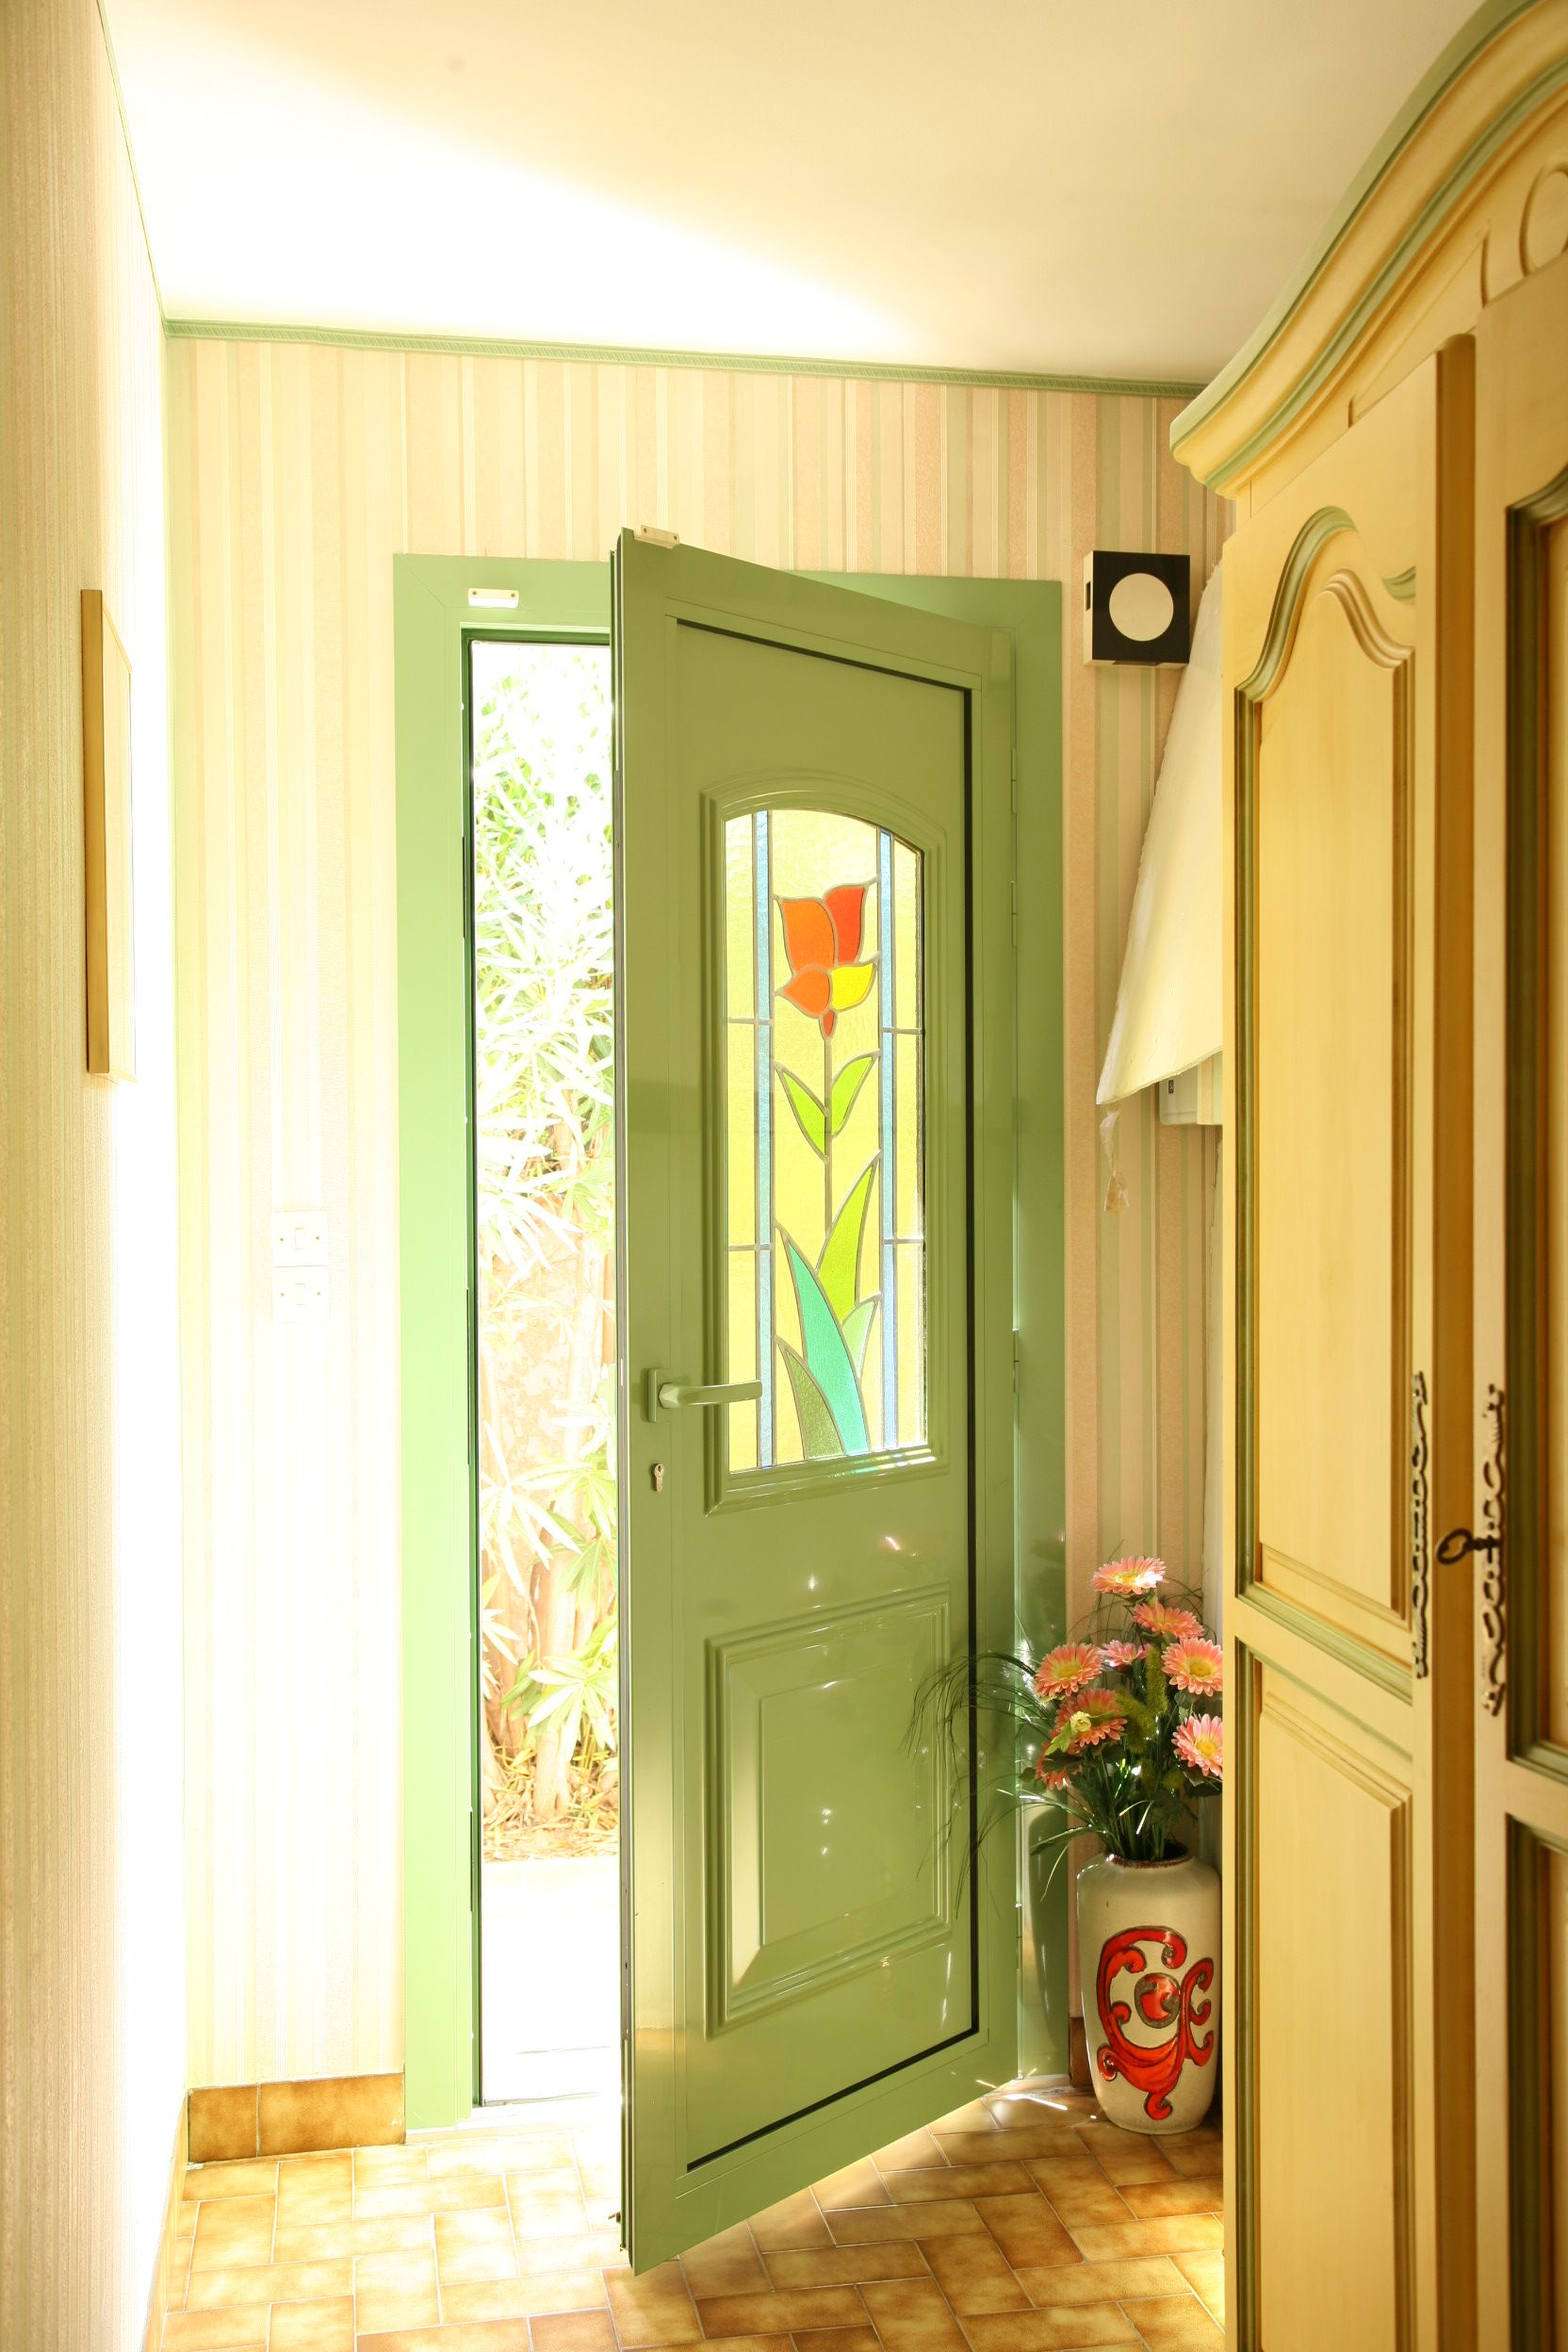 Porte aluminium et vitrail couleur verte pour illuminer la pièce...   menuiserie  maison 364f8675ee9